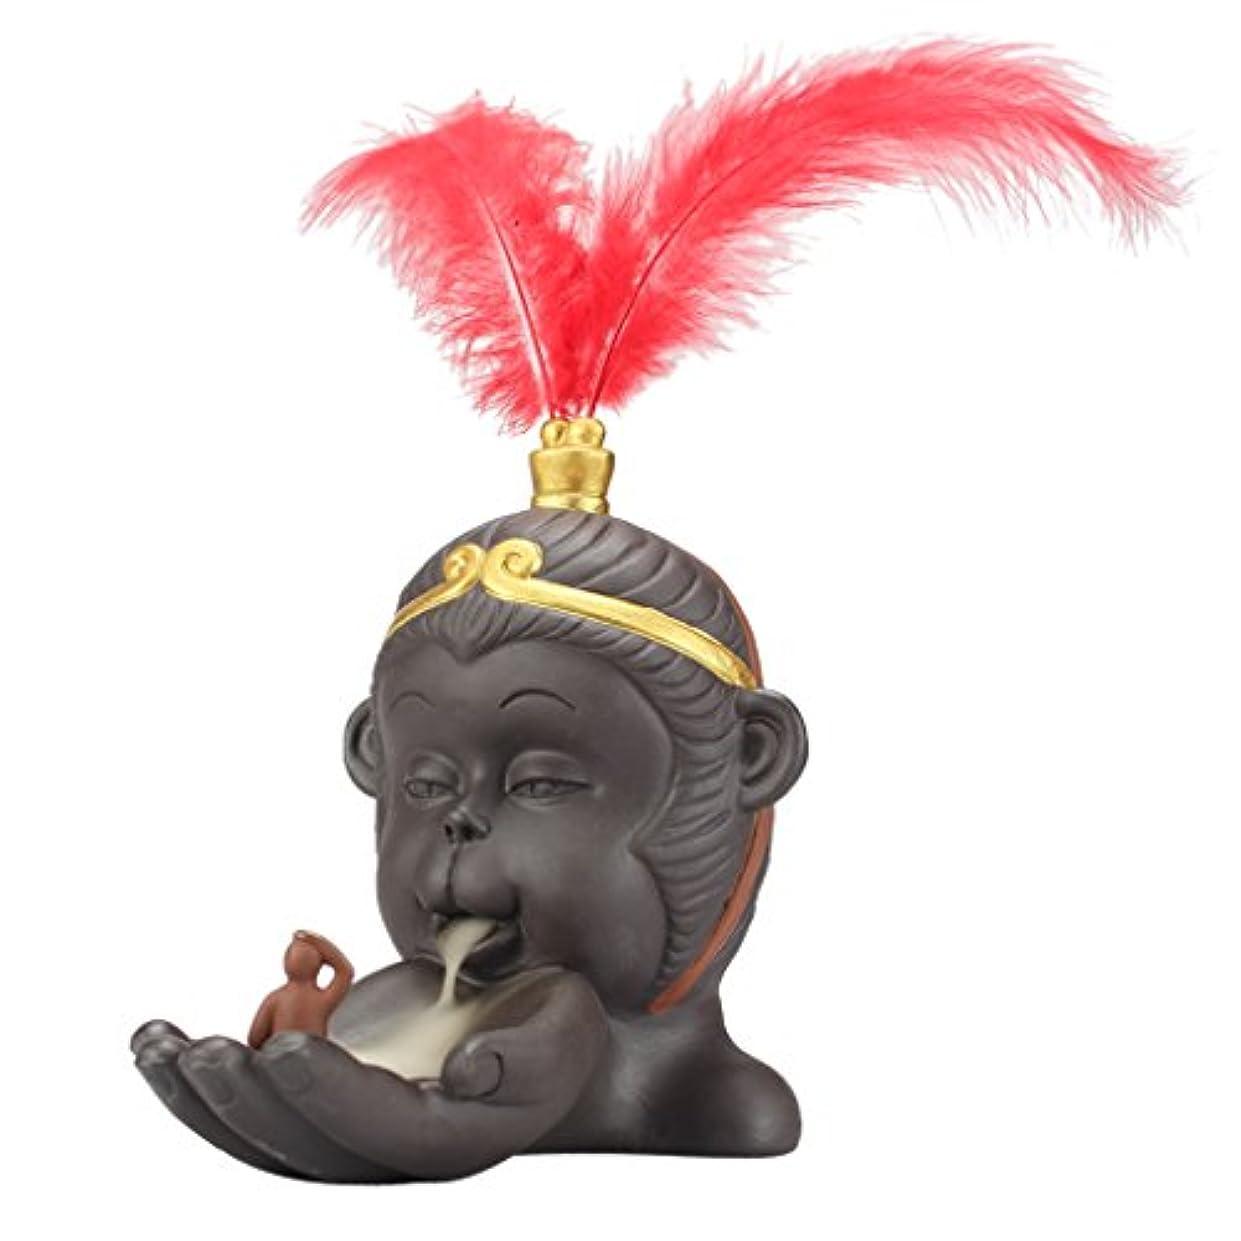 ムスタチオ好戦的な供給Perfk 仏教 香炉 バーナーホルダー 小型 逆流コーン 香バーナー 持ち運び 容易 全2色 - 赤